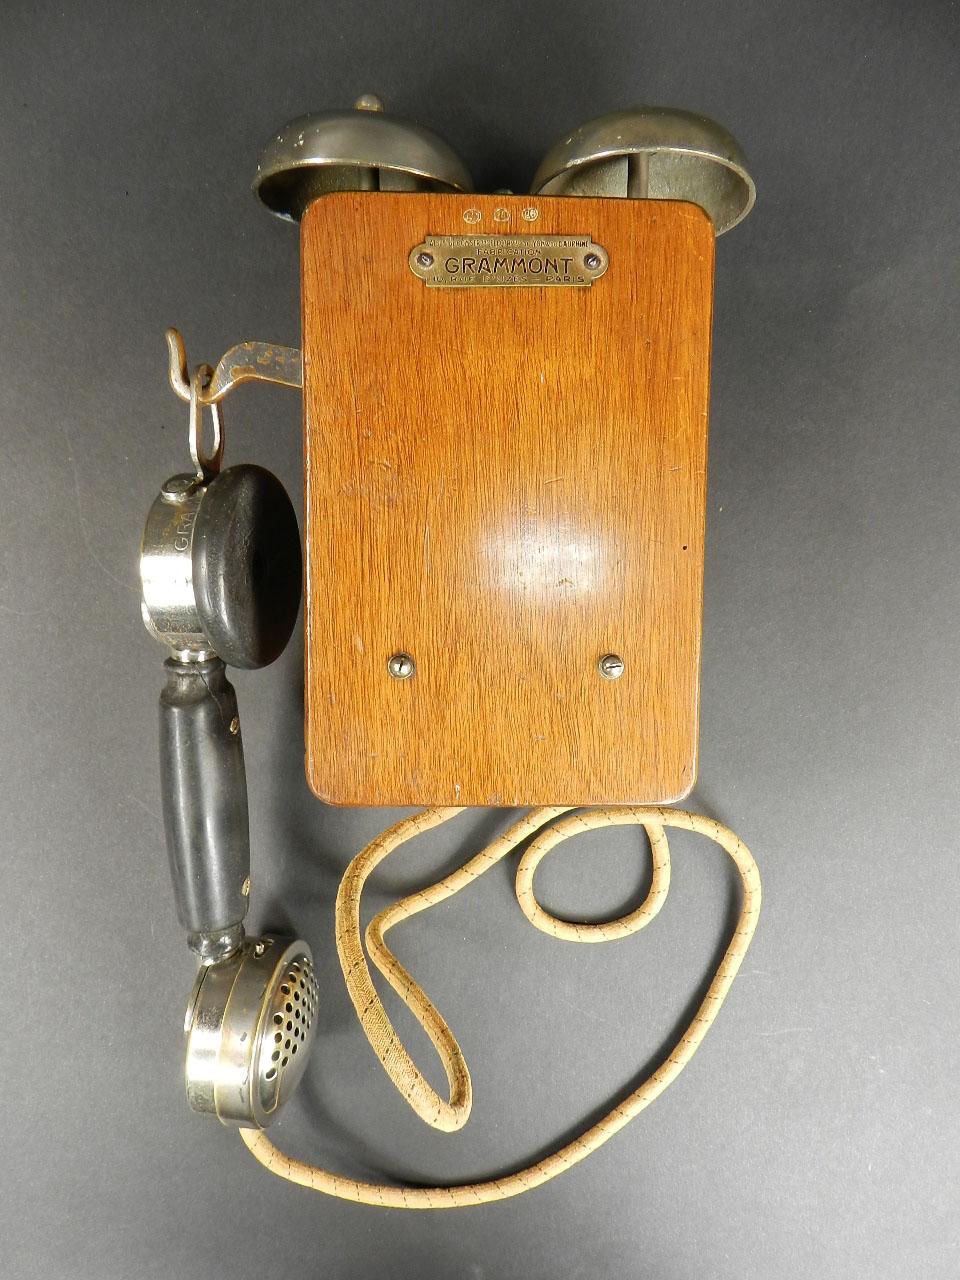 Imagen TELÉFONO GRAMMONT DE DOS CAMPANAS AÑO 1920 24582